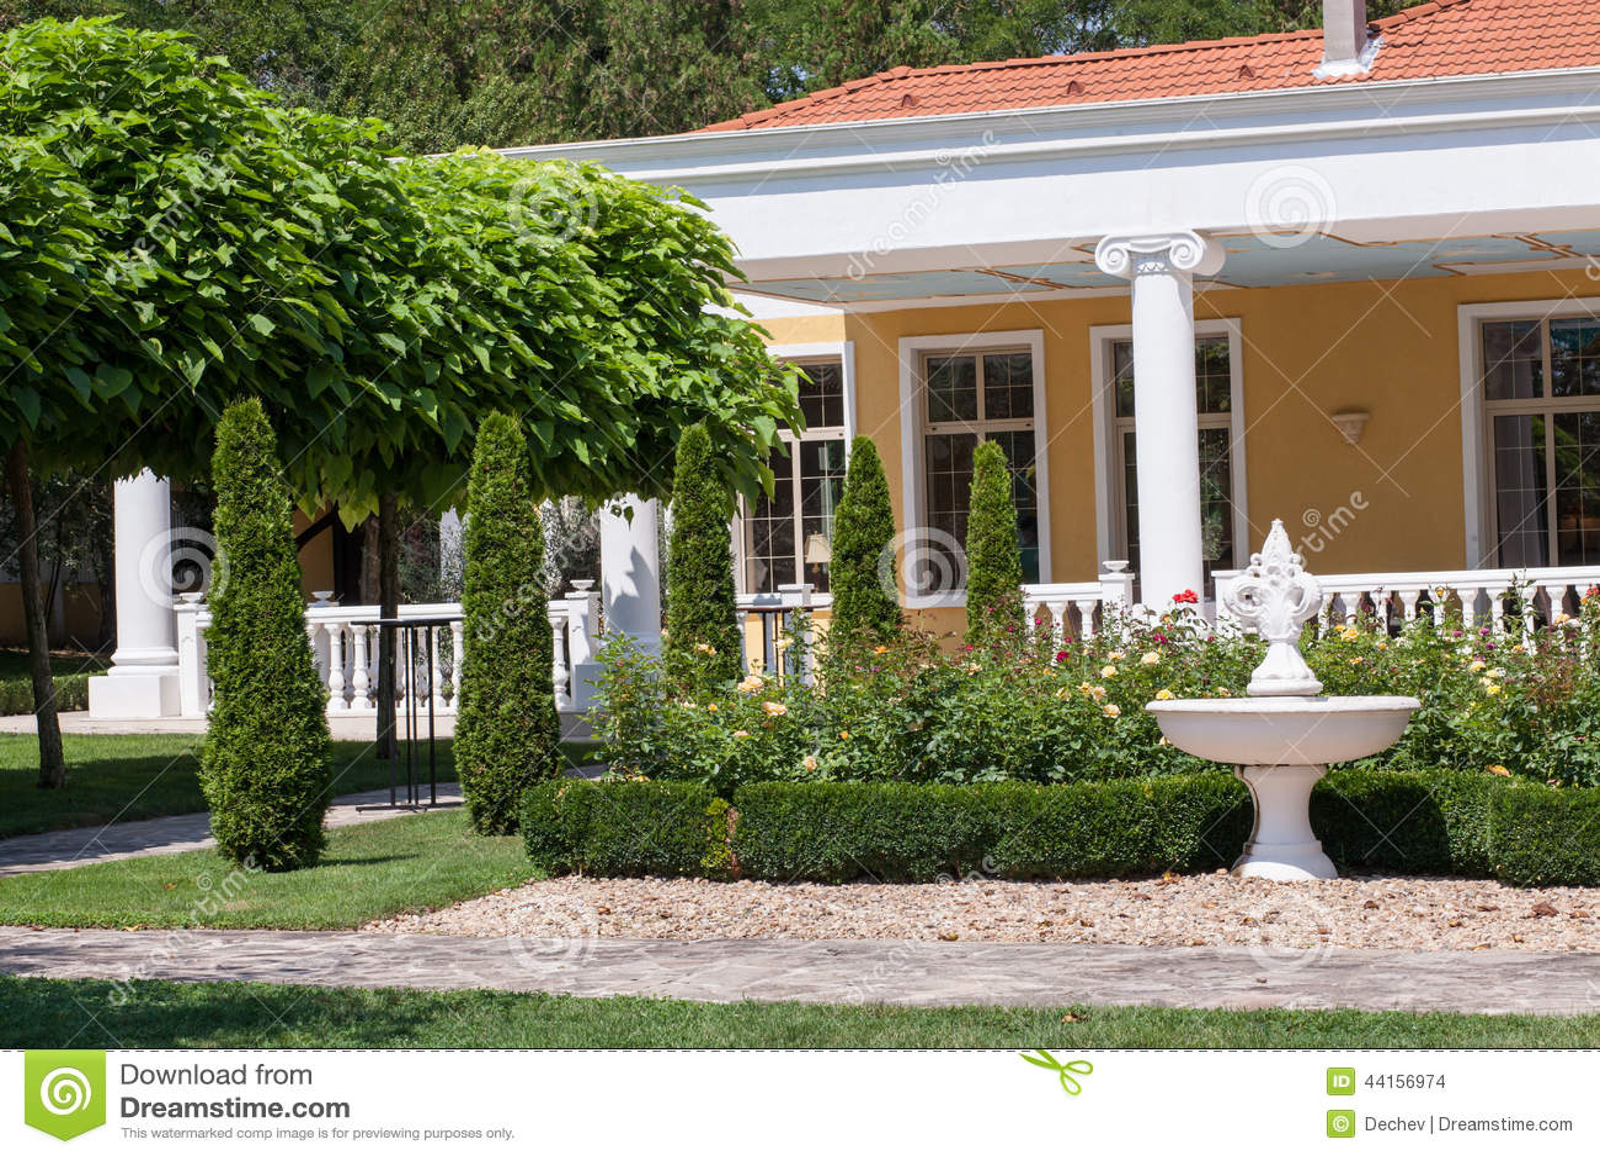 Jardin devant une maison de villa photo stock image 44156974 - Jardin dans une maison poitiers ...